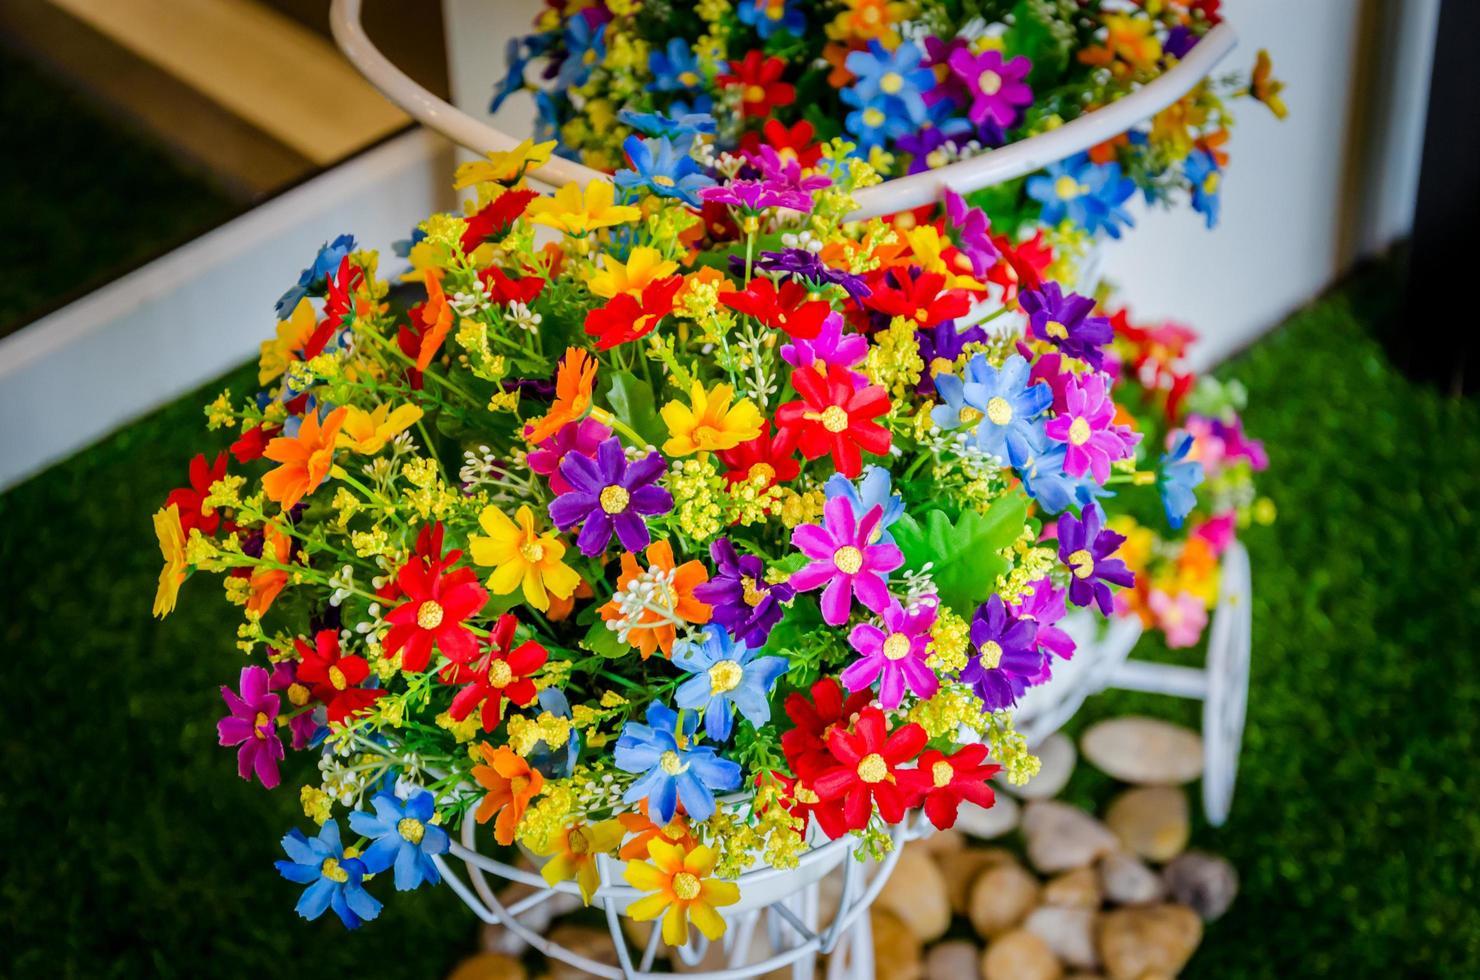 kleurrijke Lentebloemen foto